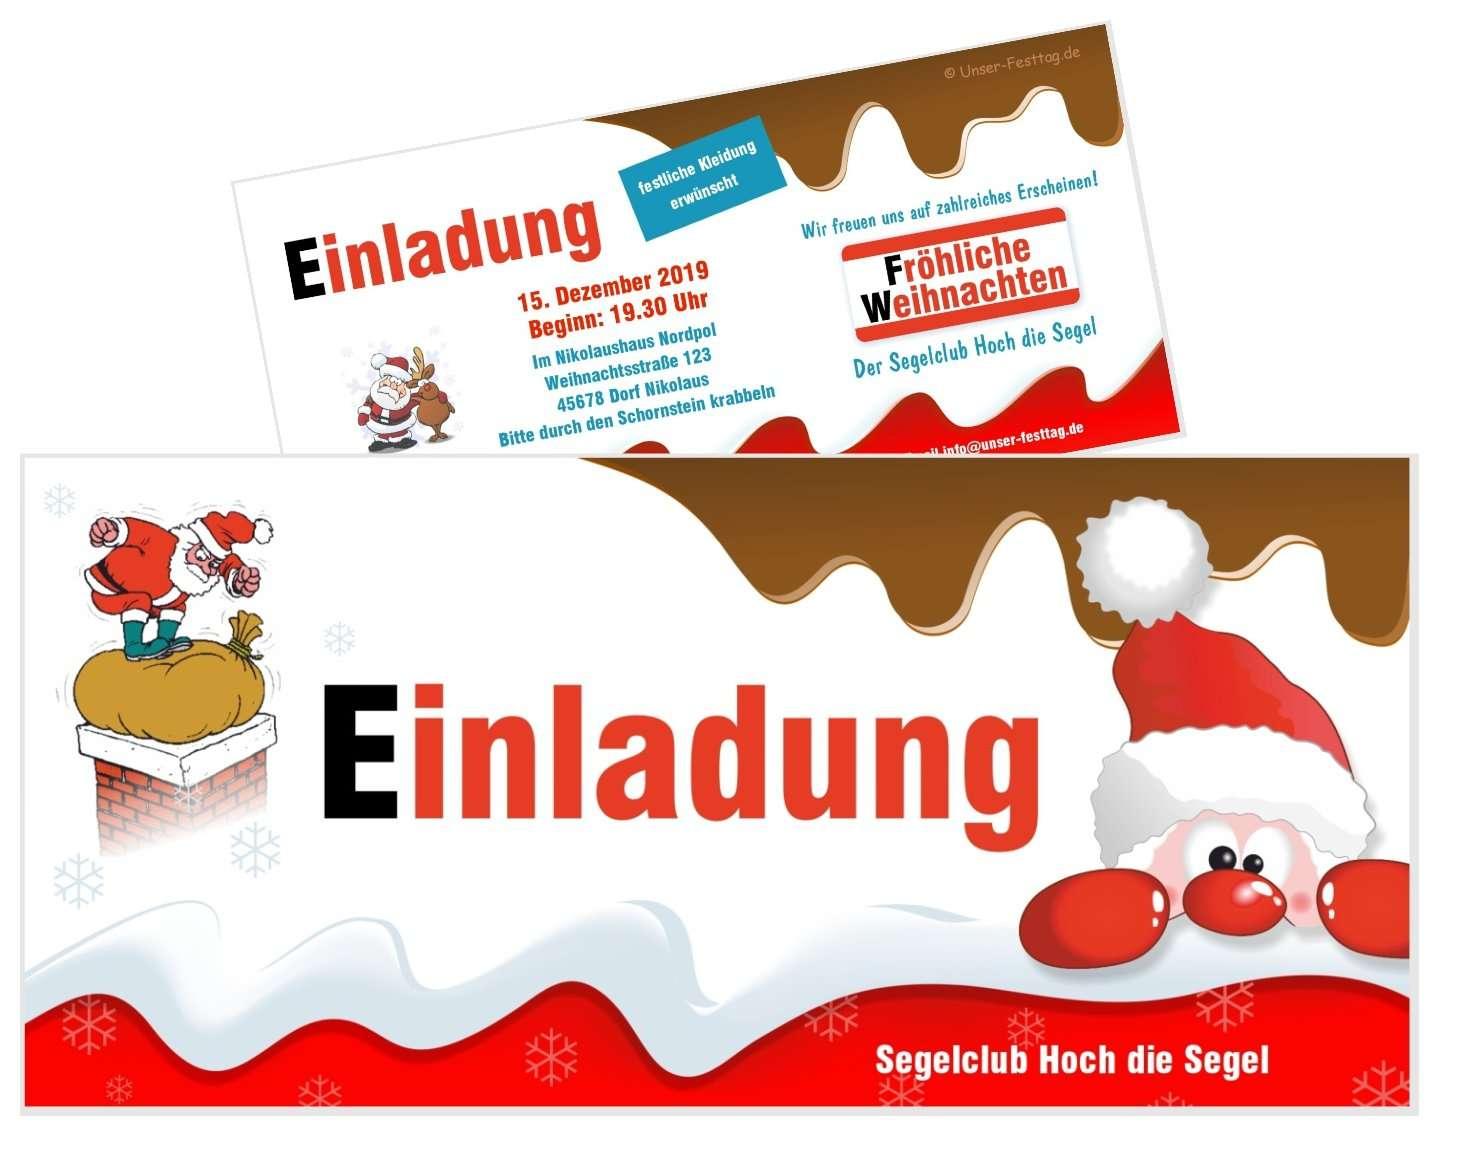 Ziemlich Weihnachtsfeier Ankündigung Vorlagen Bilder ...